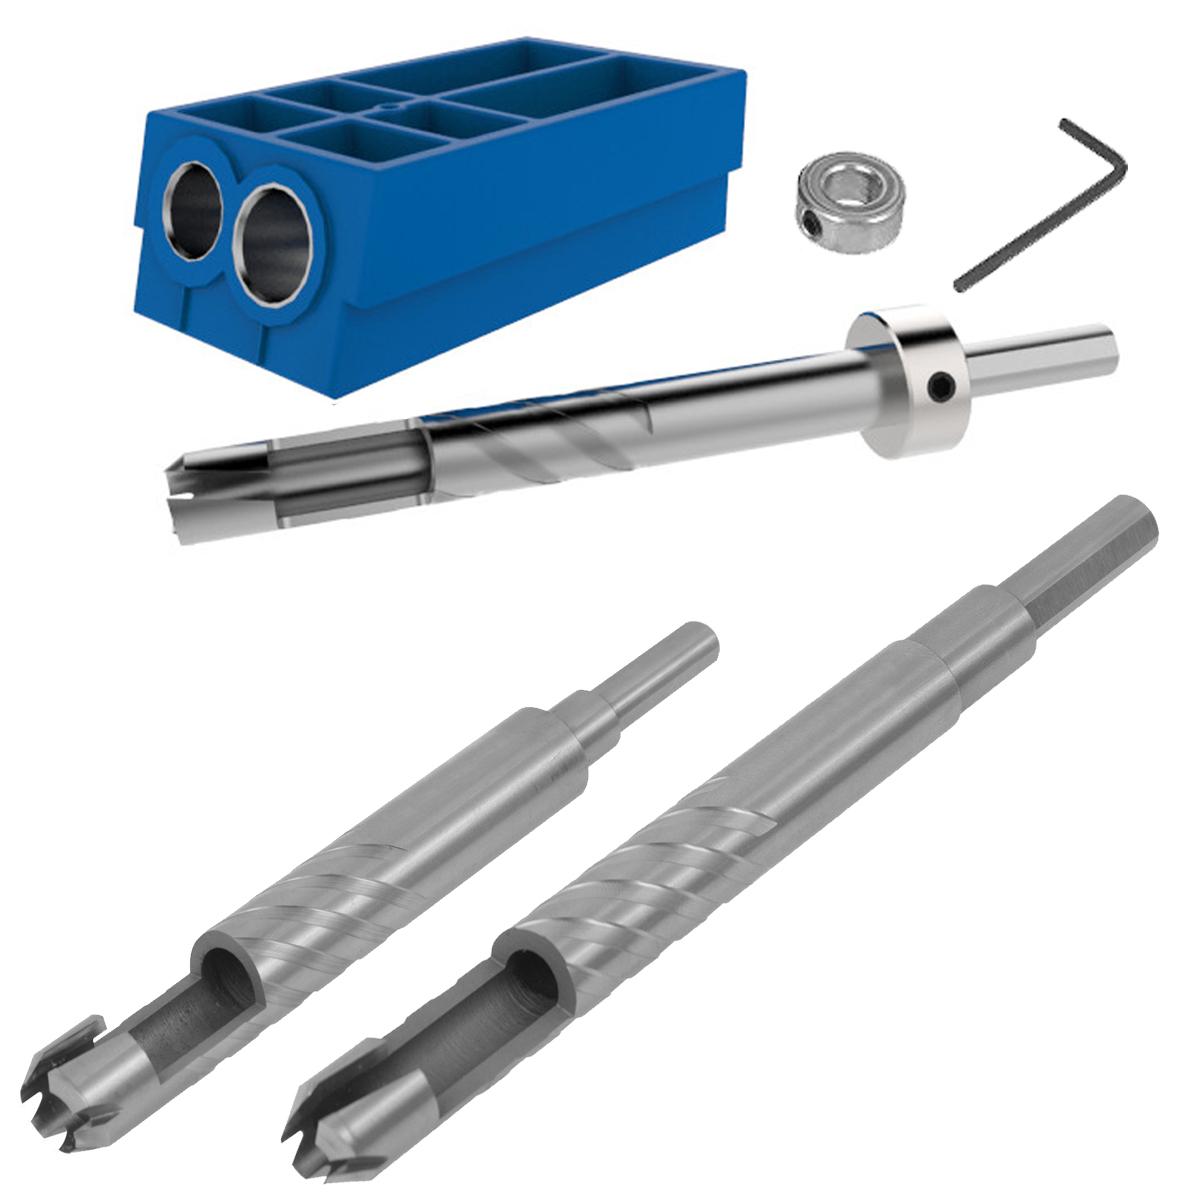 Kreg Pocket Hole Plug Cutter Master Pack (KPCS, KPC1060, ...